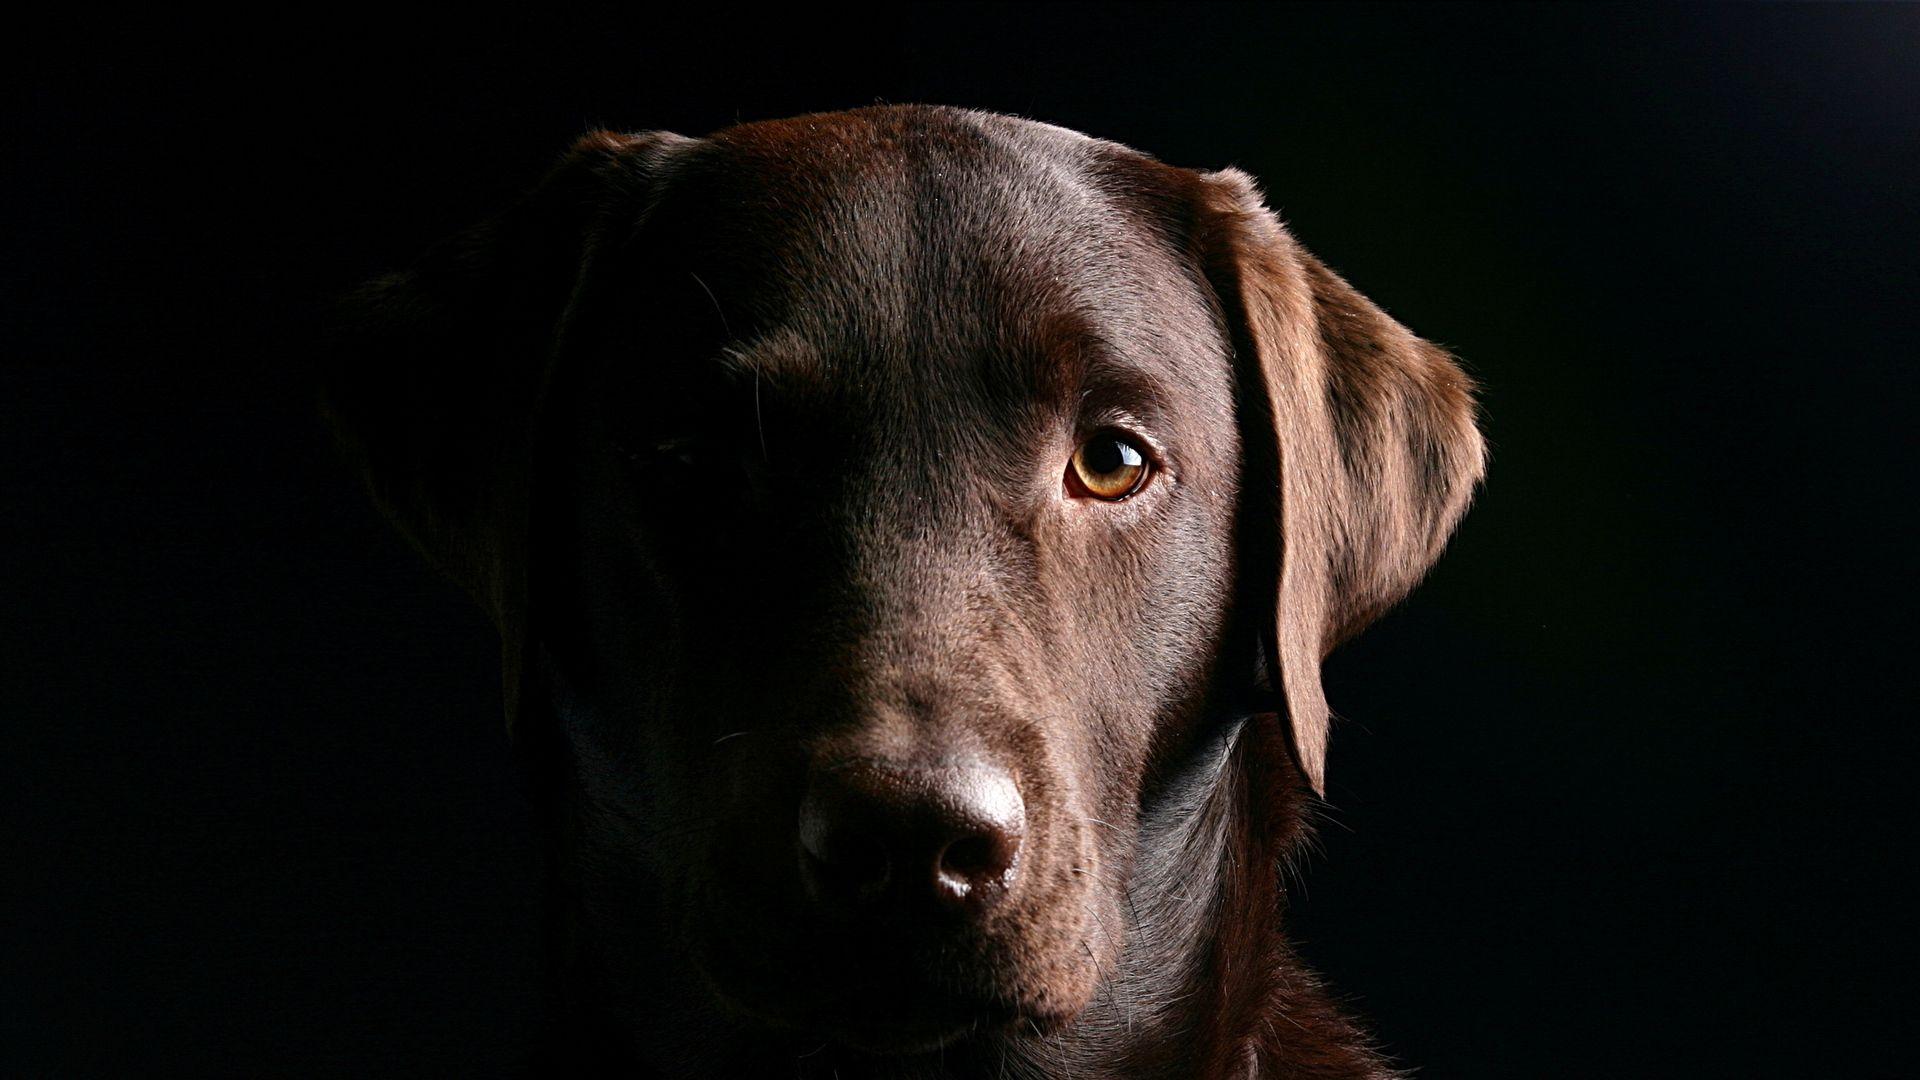 Dog On Black Background Wallpaper